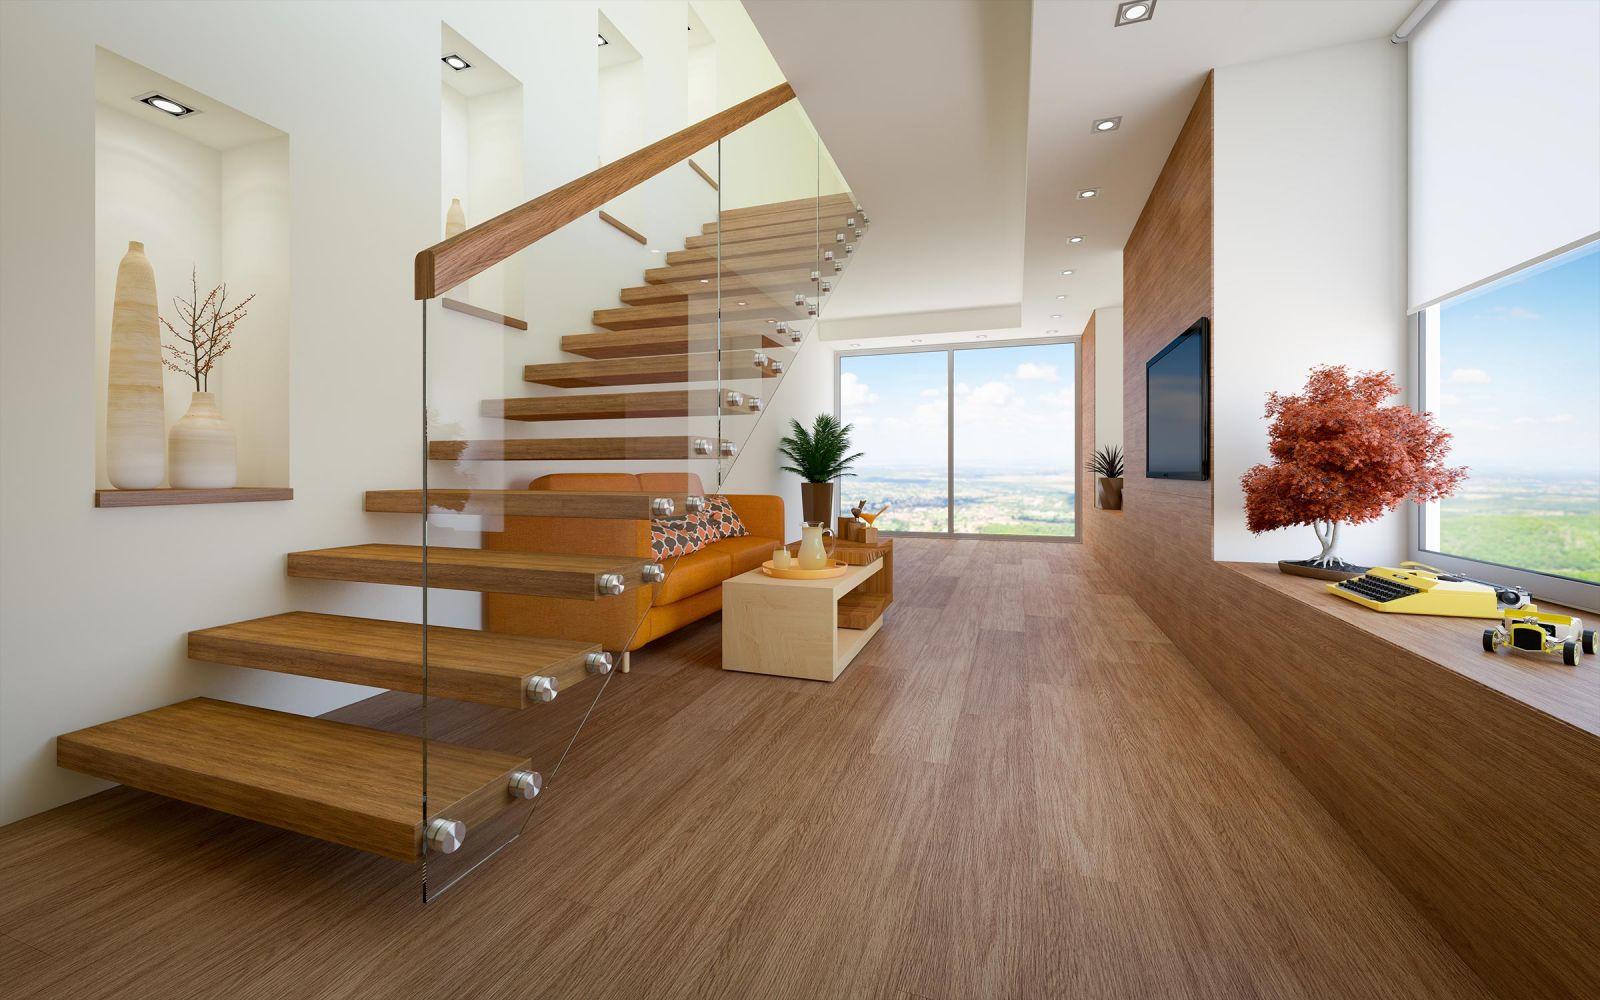 Barriere Escalier En Colimaçon escalier suspendu : budget à prévoir pour l'achat et pose